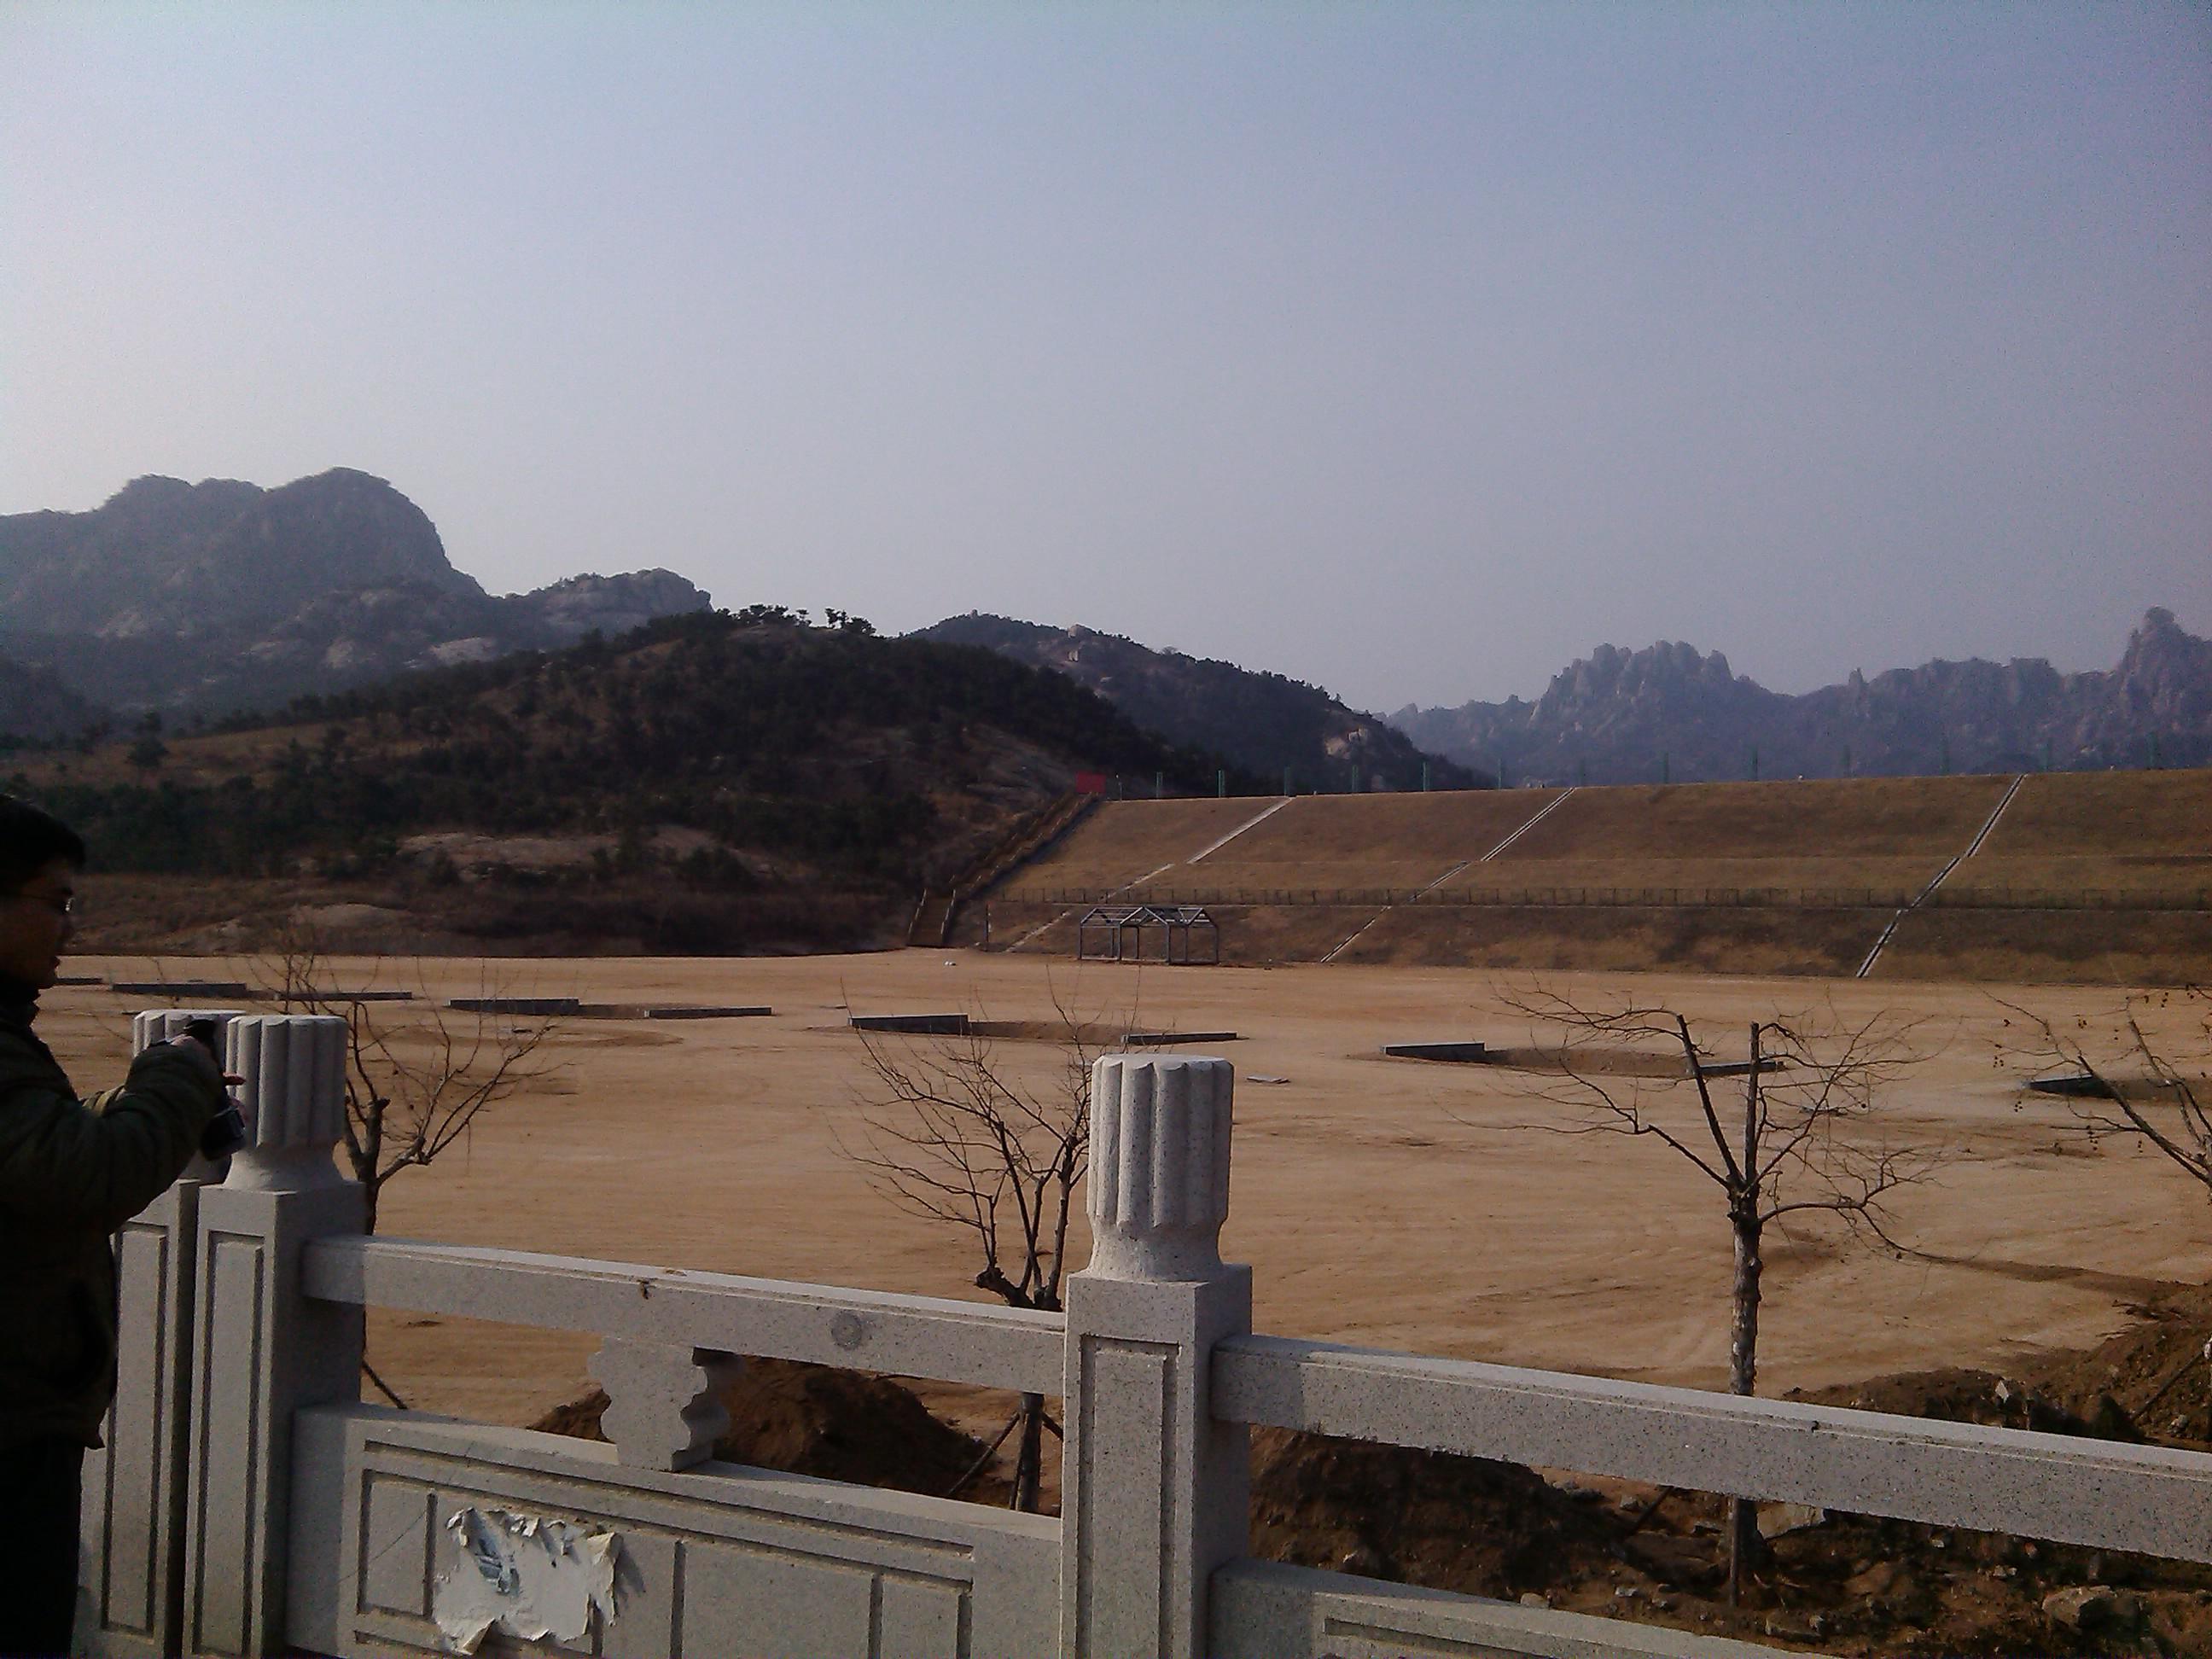 大珠山风景区整修基础设施 迎接花会